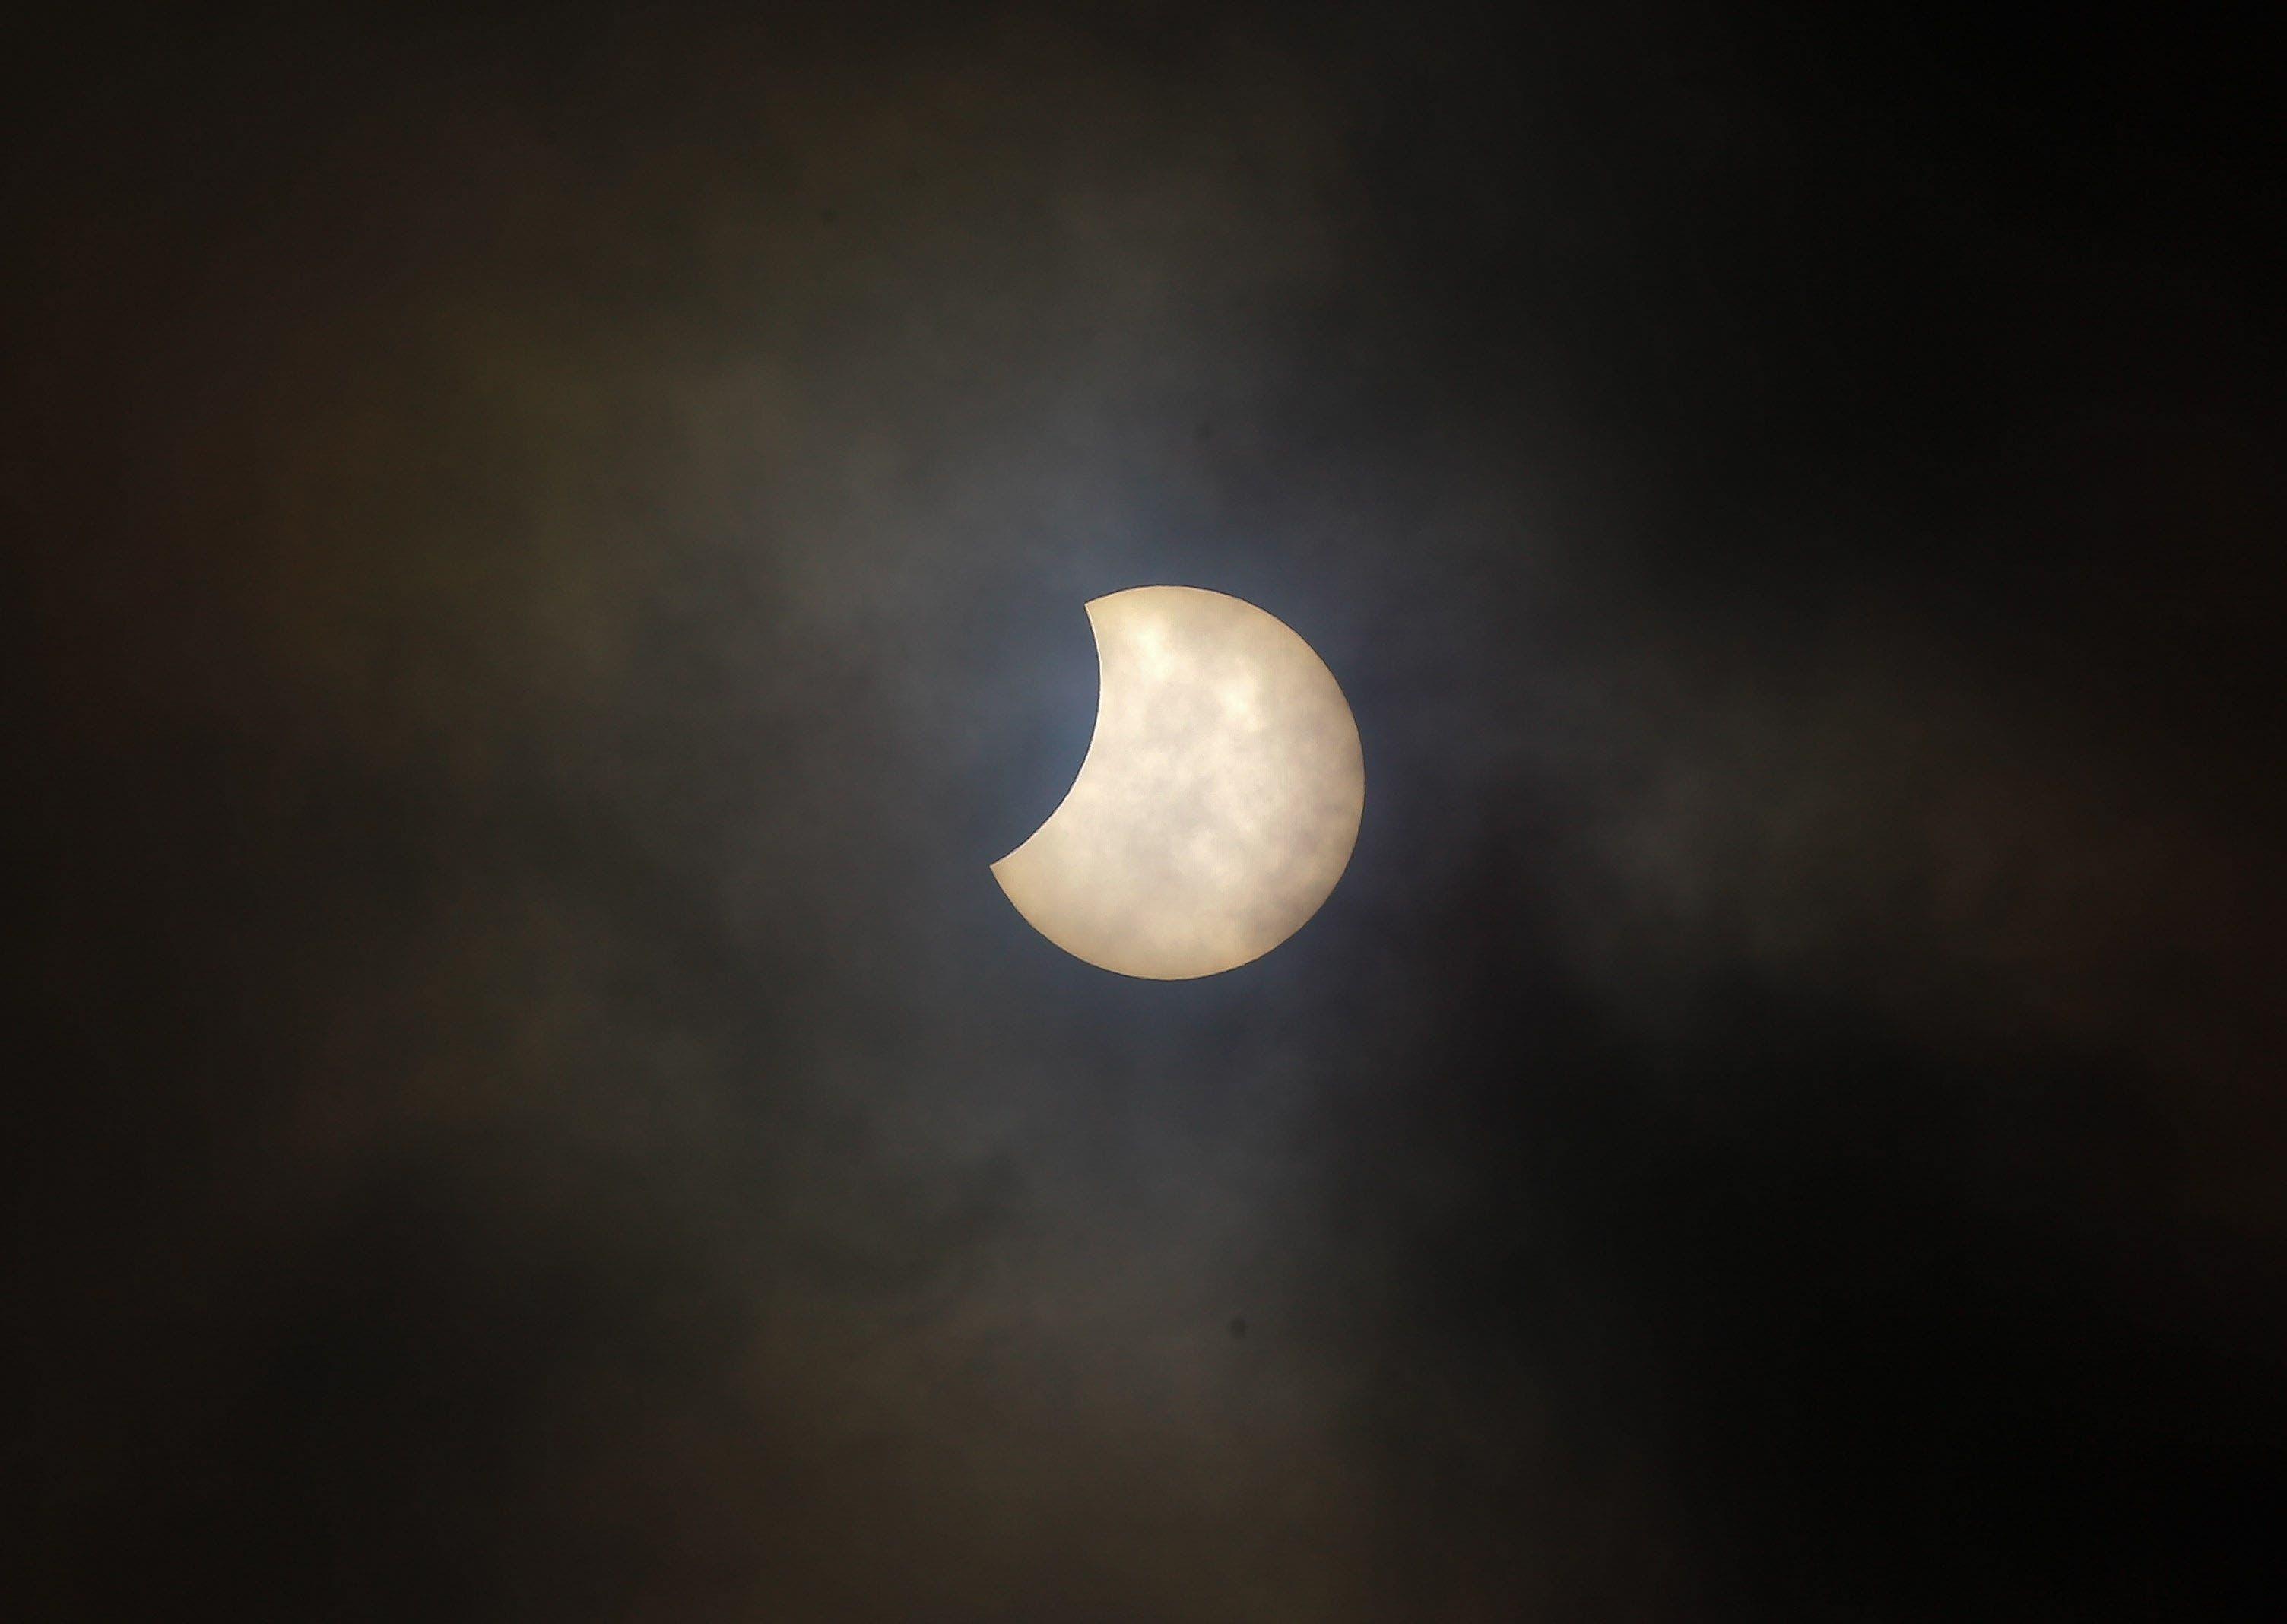 3. Vista del eclipse parcial de sol este martes en Quito (Ecuador), donde hubo una alta nubosidad. EFE/José Jácome